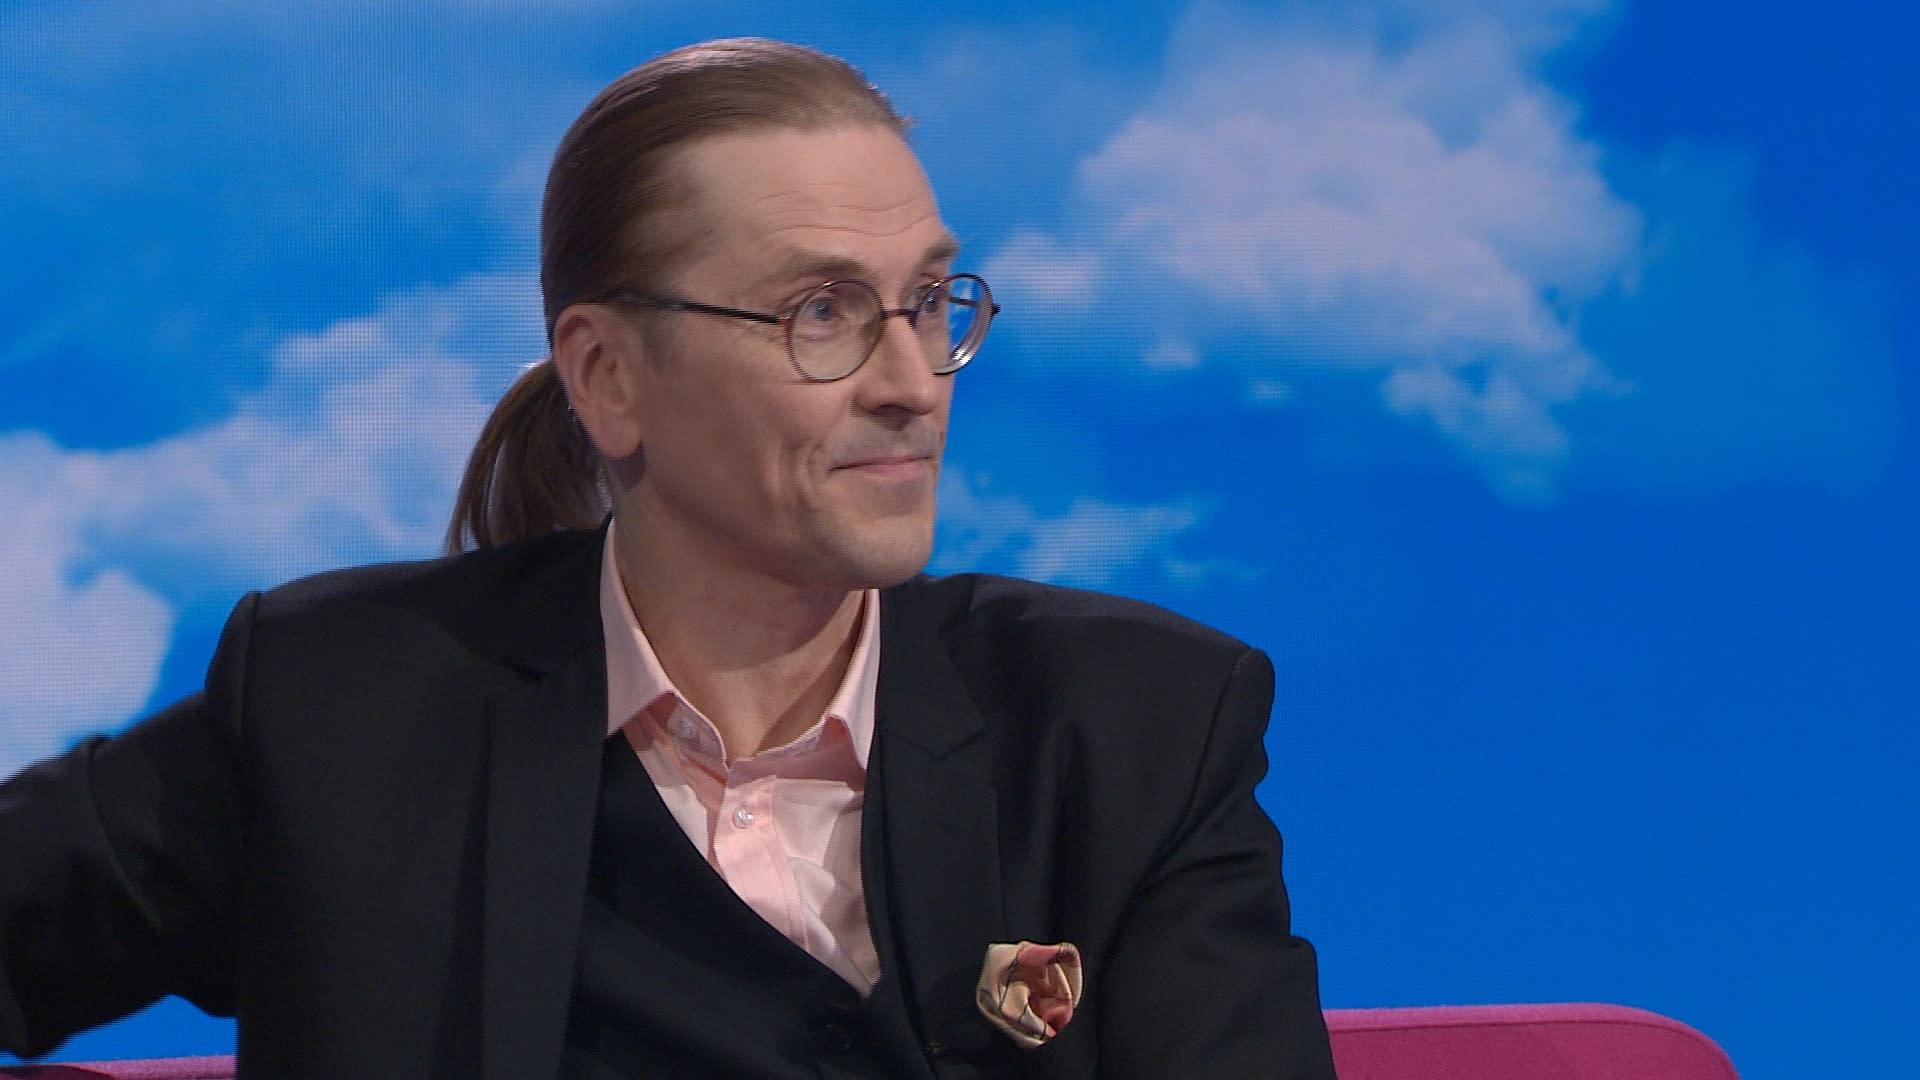 """Tutkimusjohtaja Mikko Hyppönen: Kun kännykkäsovellus kysyy """"haluatko löytää täältä kaverisi"""", kannattaa miettiä vastaako kyllä"""